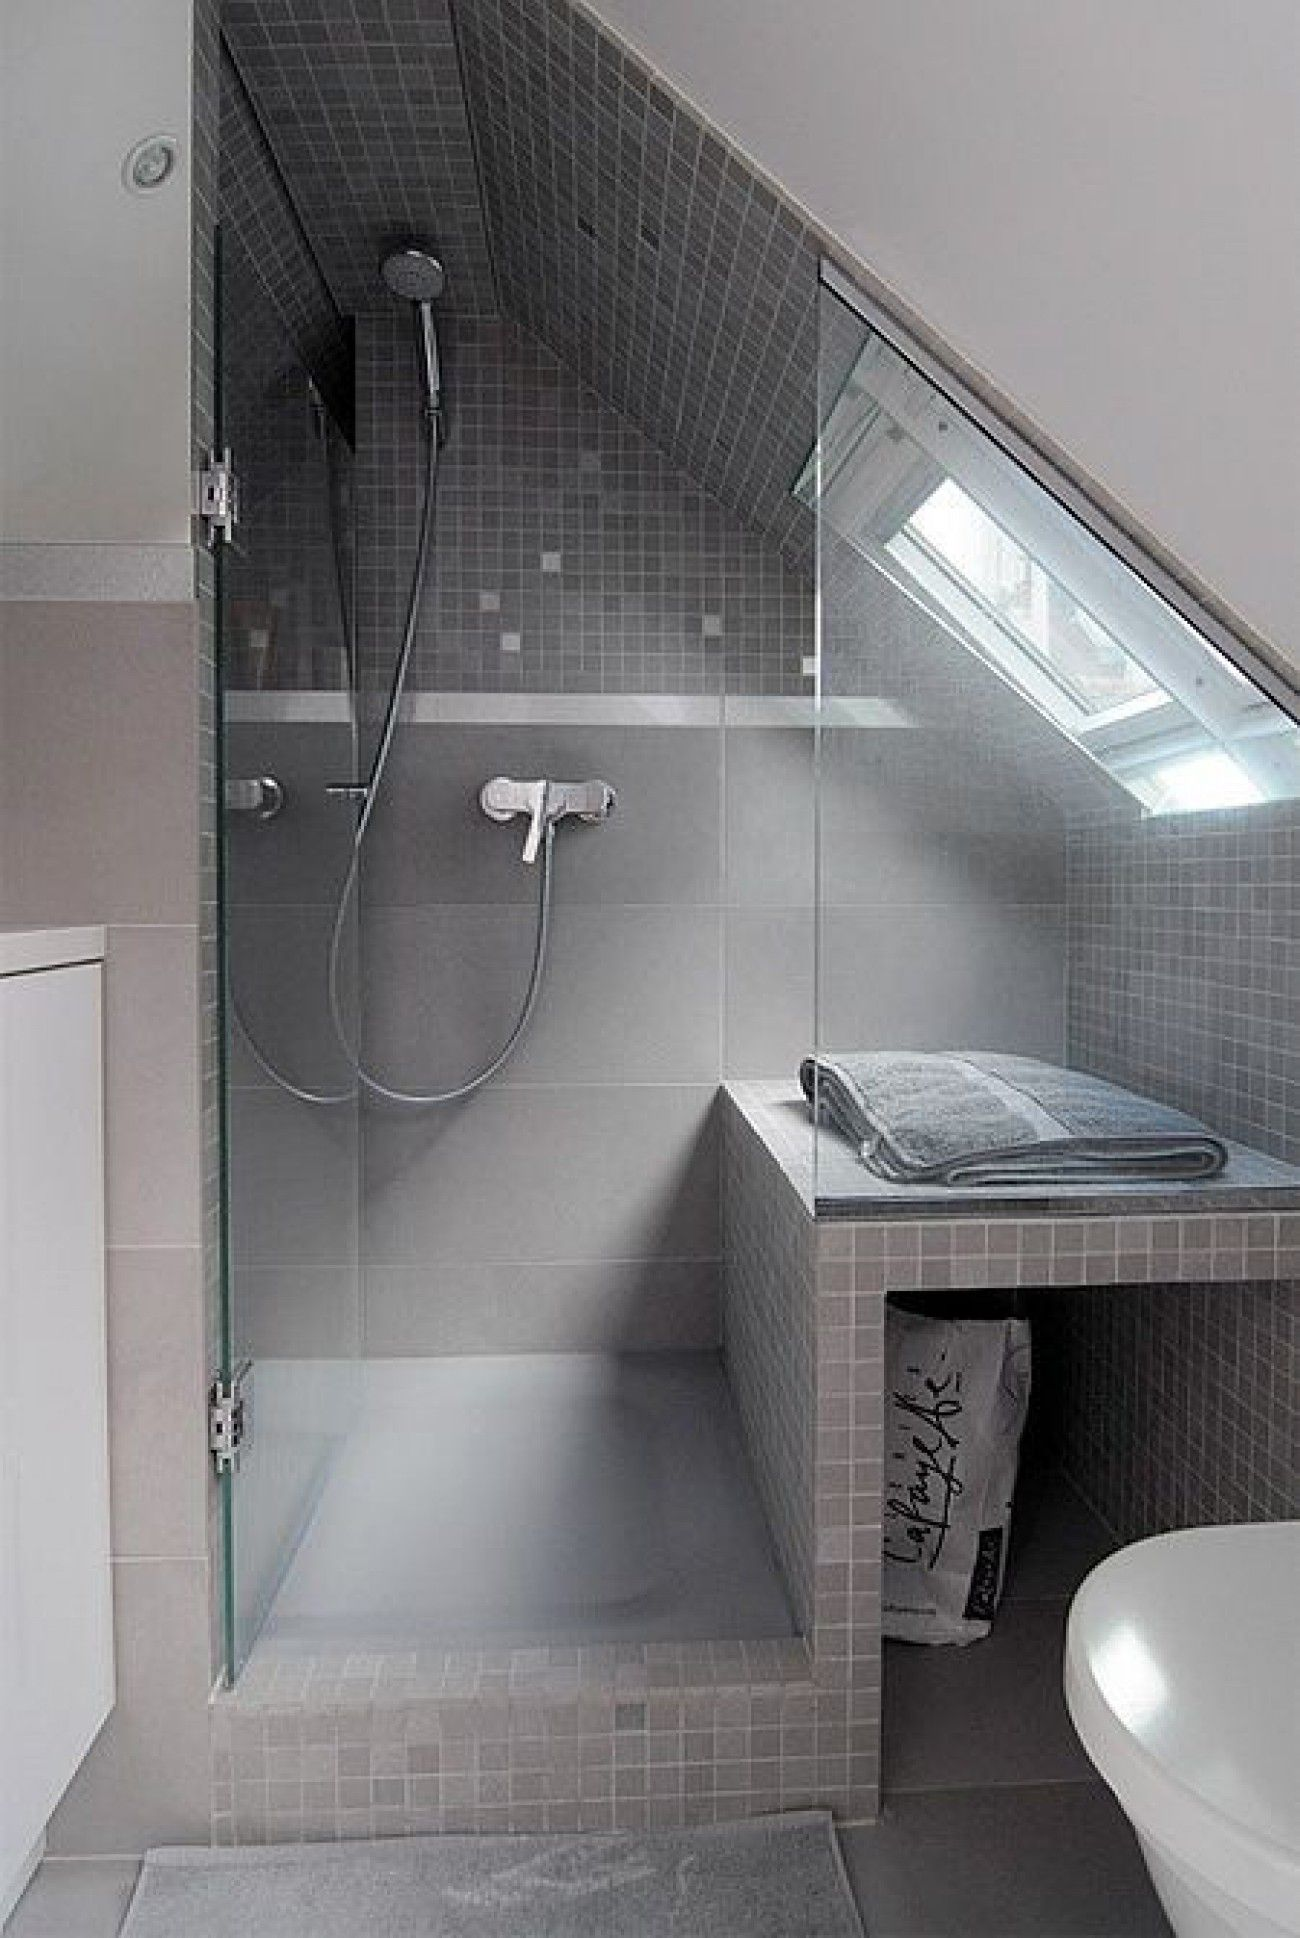 Uberlegen Klasse Einteilung Für Ein Kleines Badezimmer Mit Dachschräge